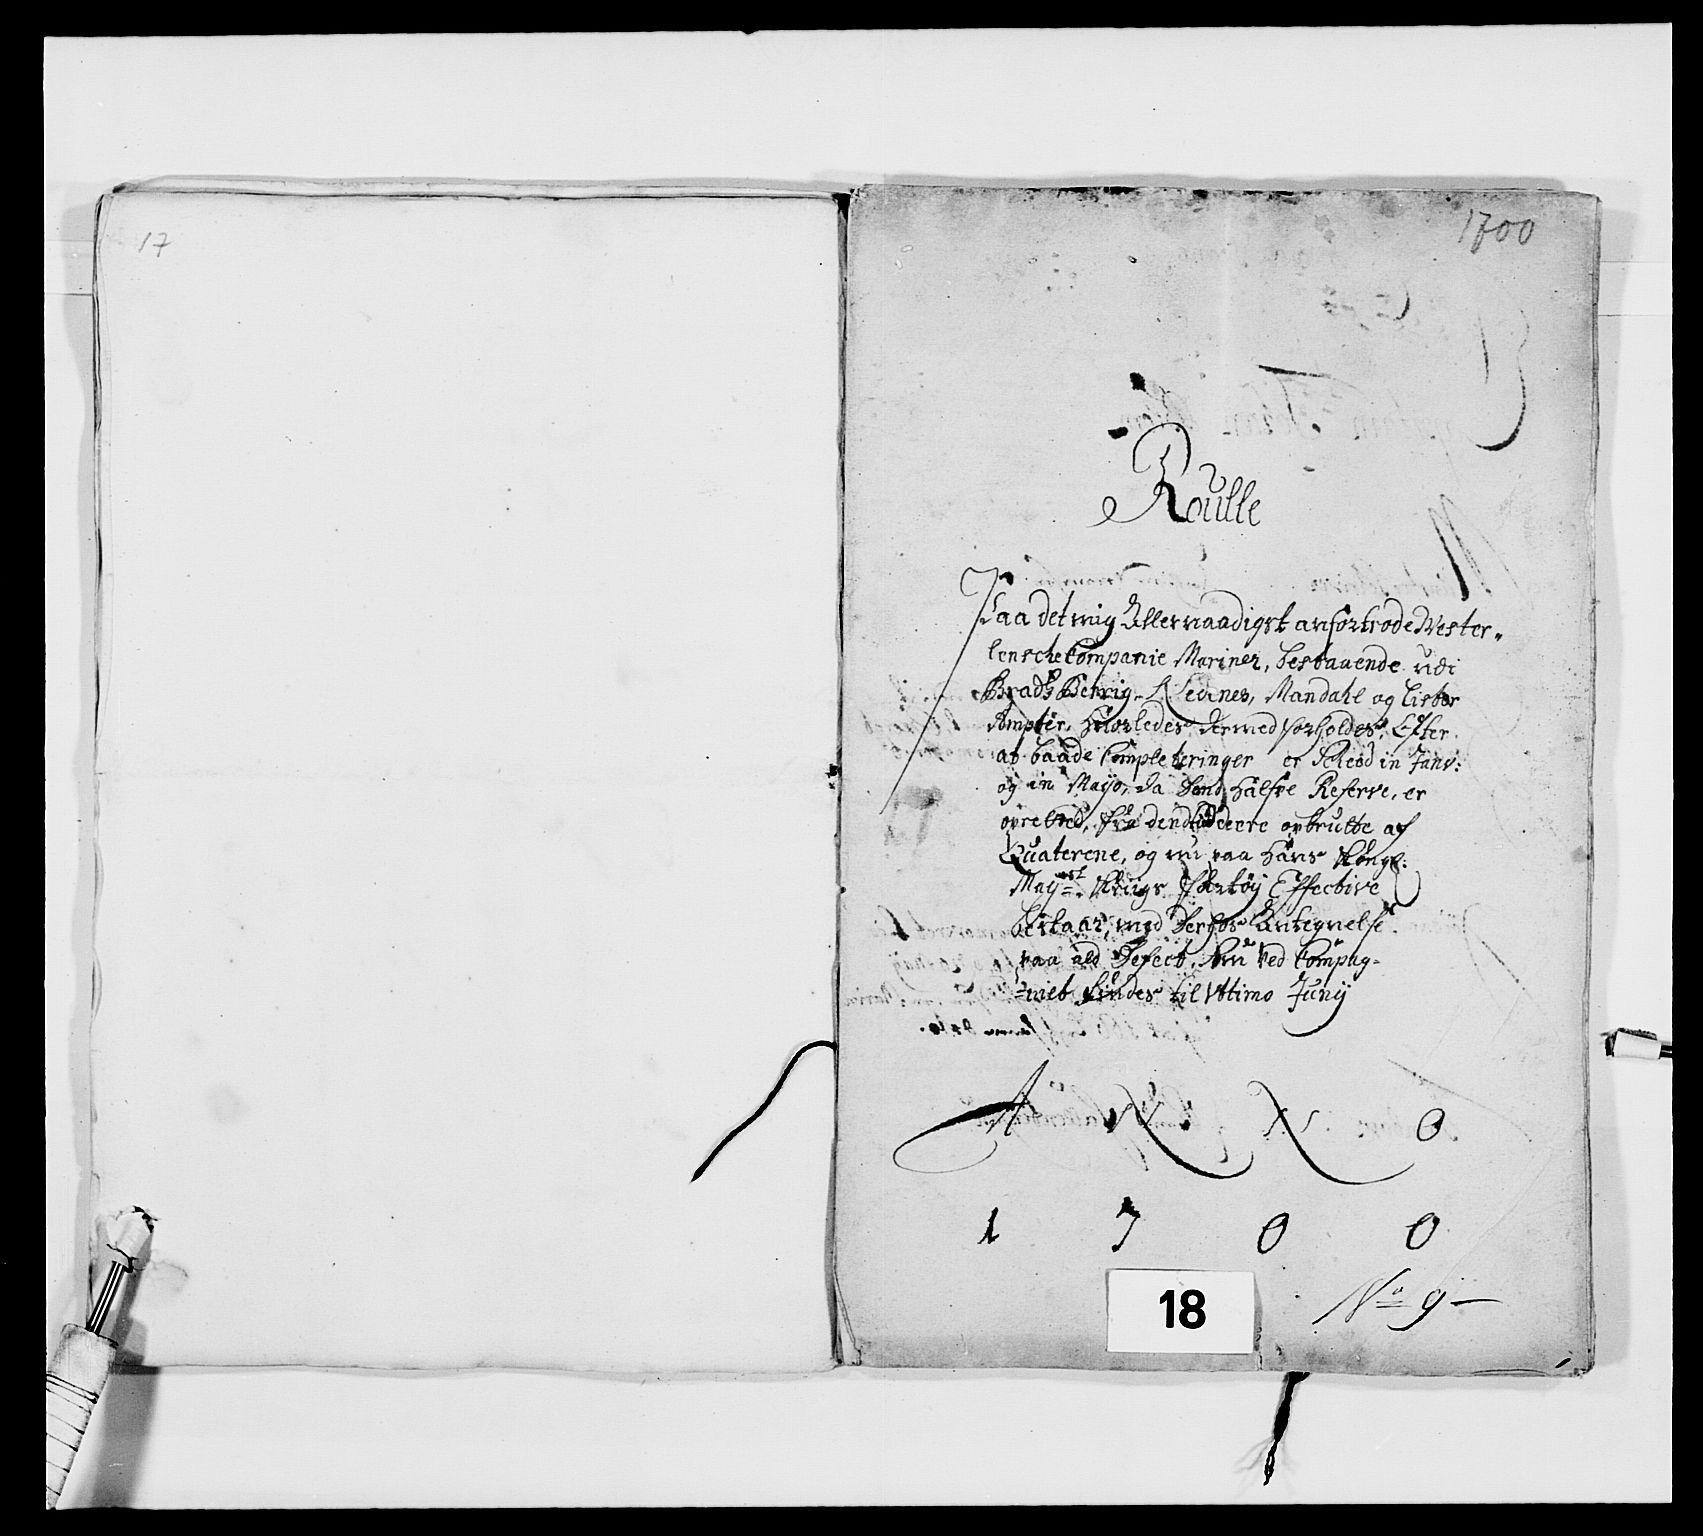 RA, Kommanderende general (KG I) med Det norske krigsdirektorium, E/Ea/L0473: Marineregimentet, 1664-1700, s. 234